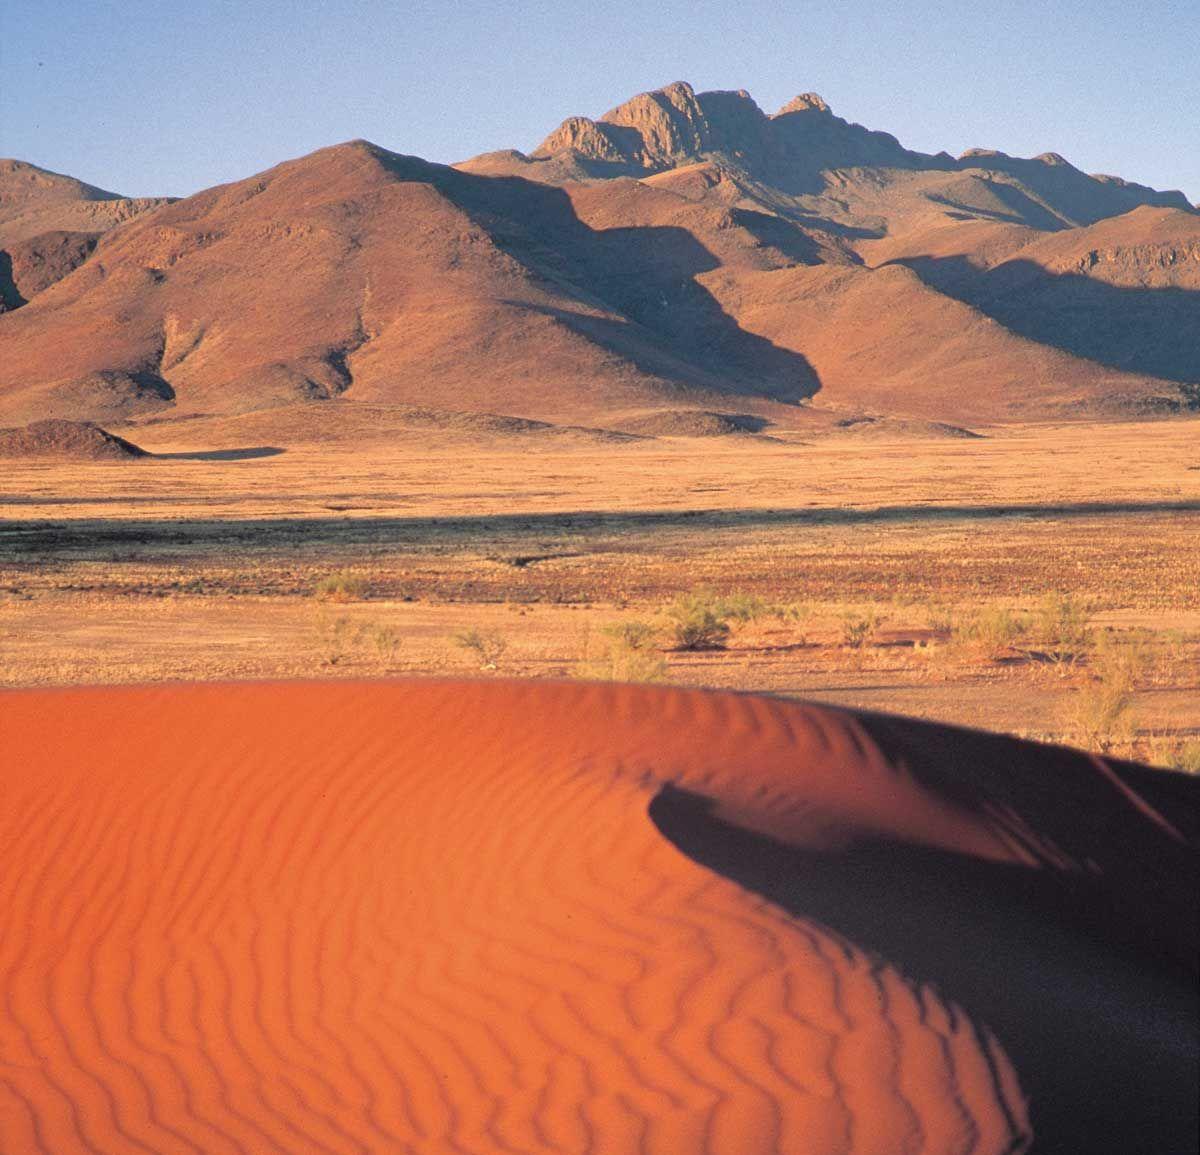 desierto namibia - Buscar con Google